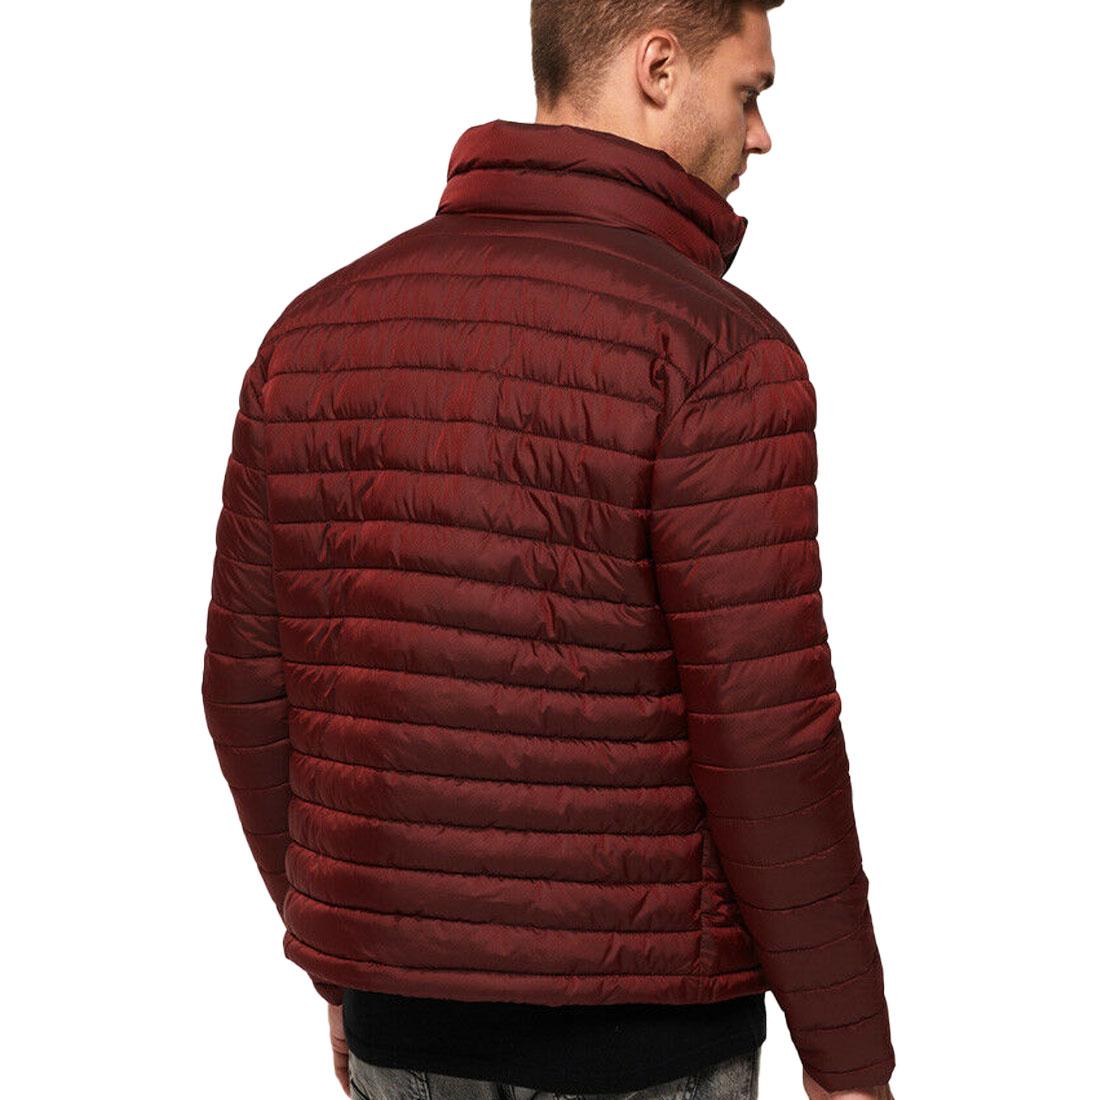 Camisa-para-hombre-Fuji-chaqueta-de-doble-cremallera miniatura 2